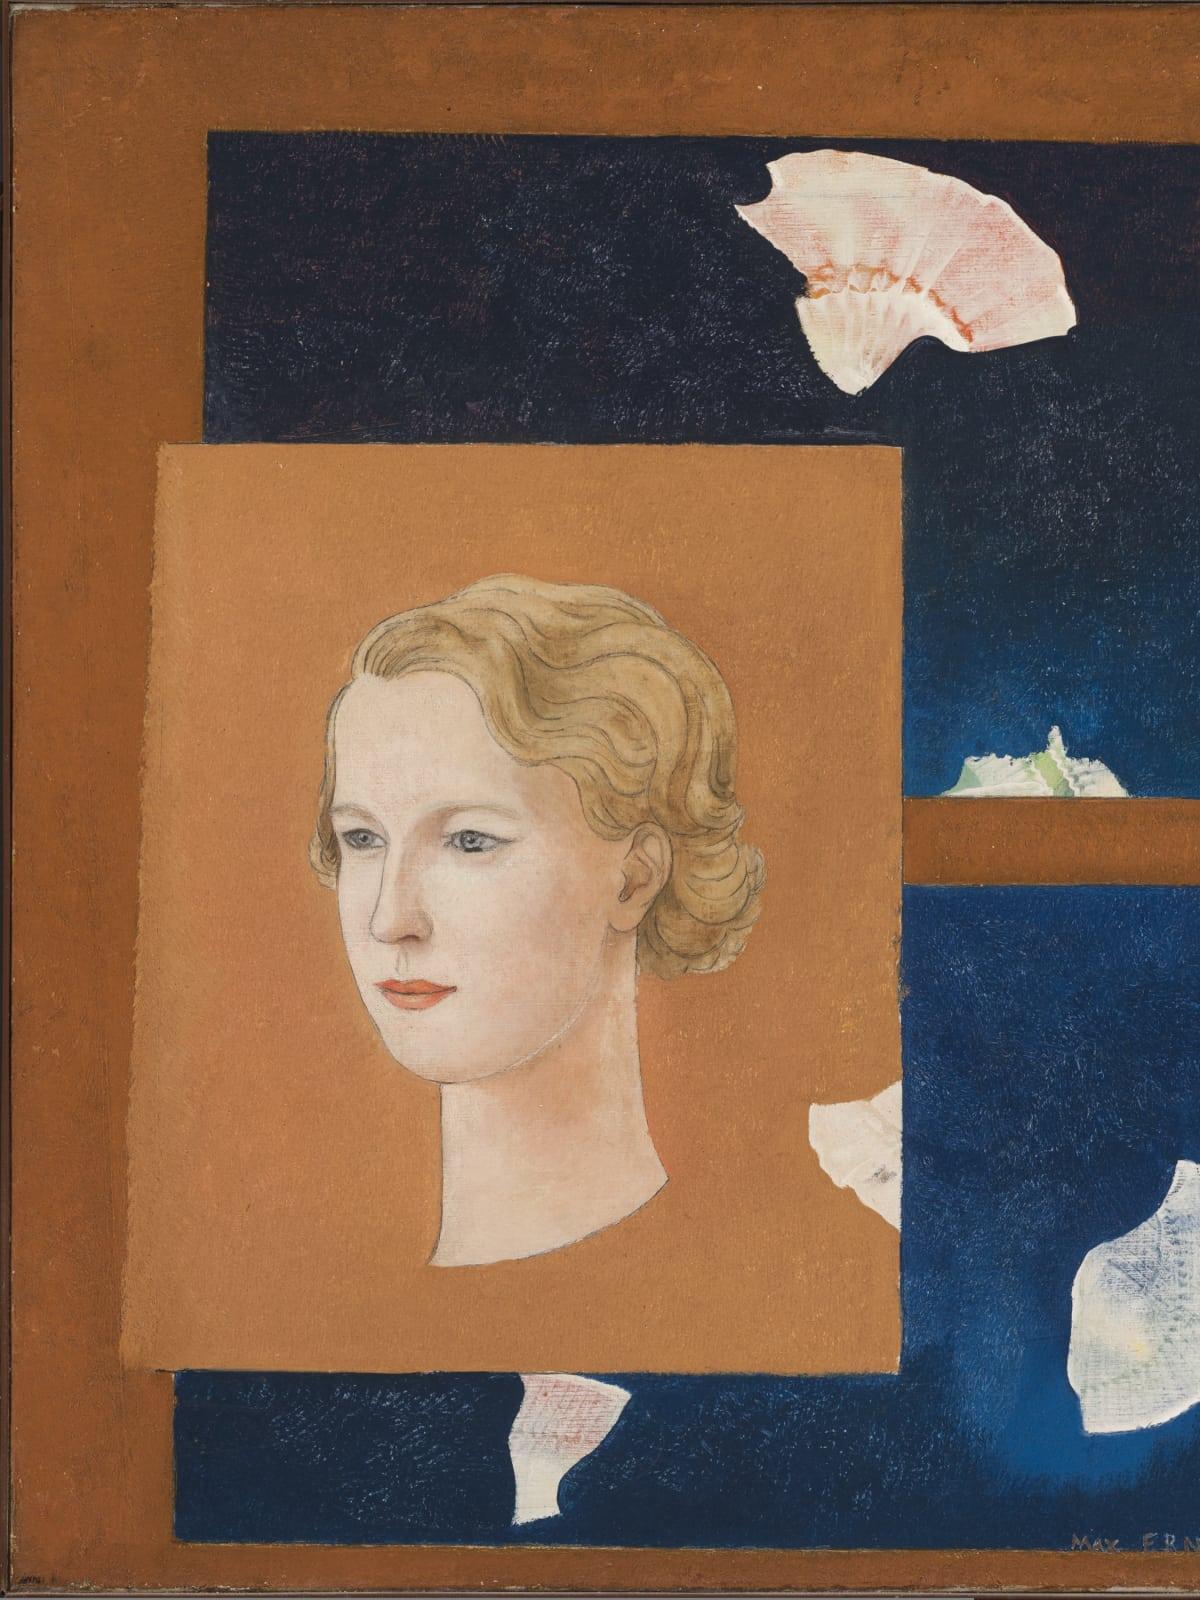 Menil Collection: Max Ernst, Portrait of Dominique